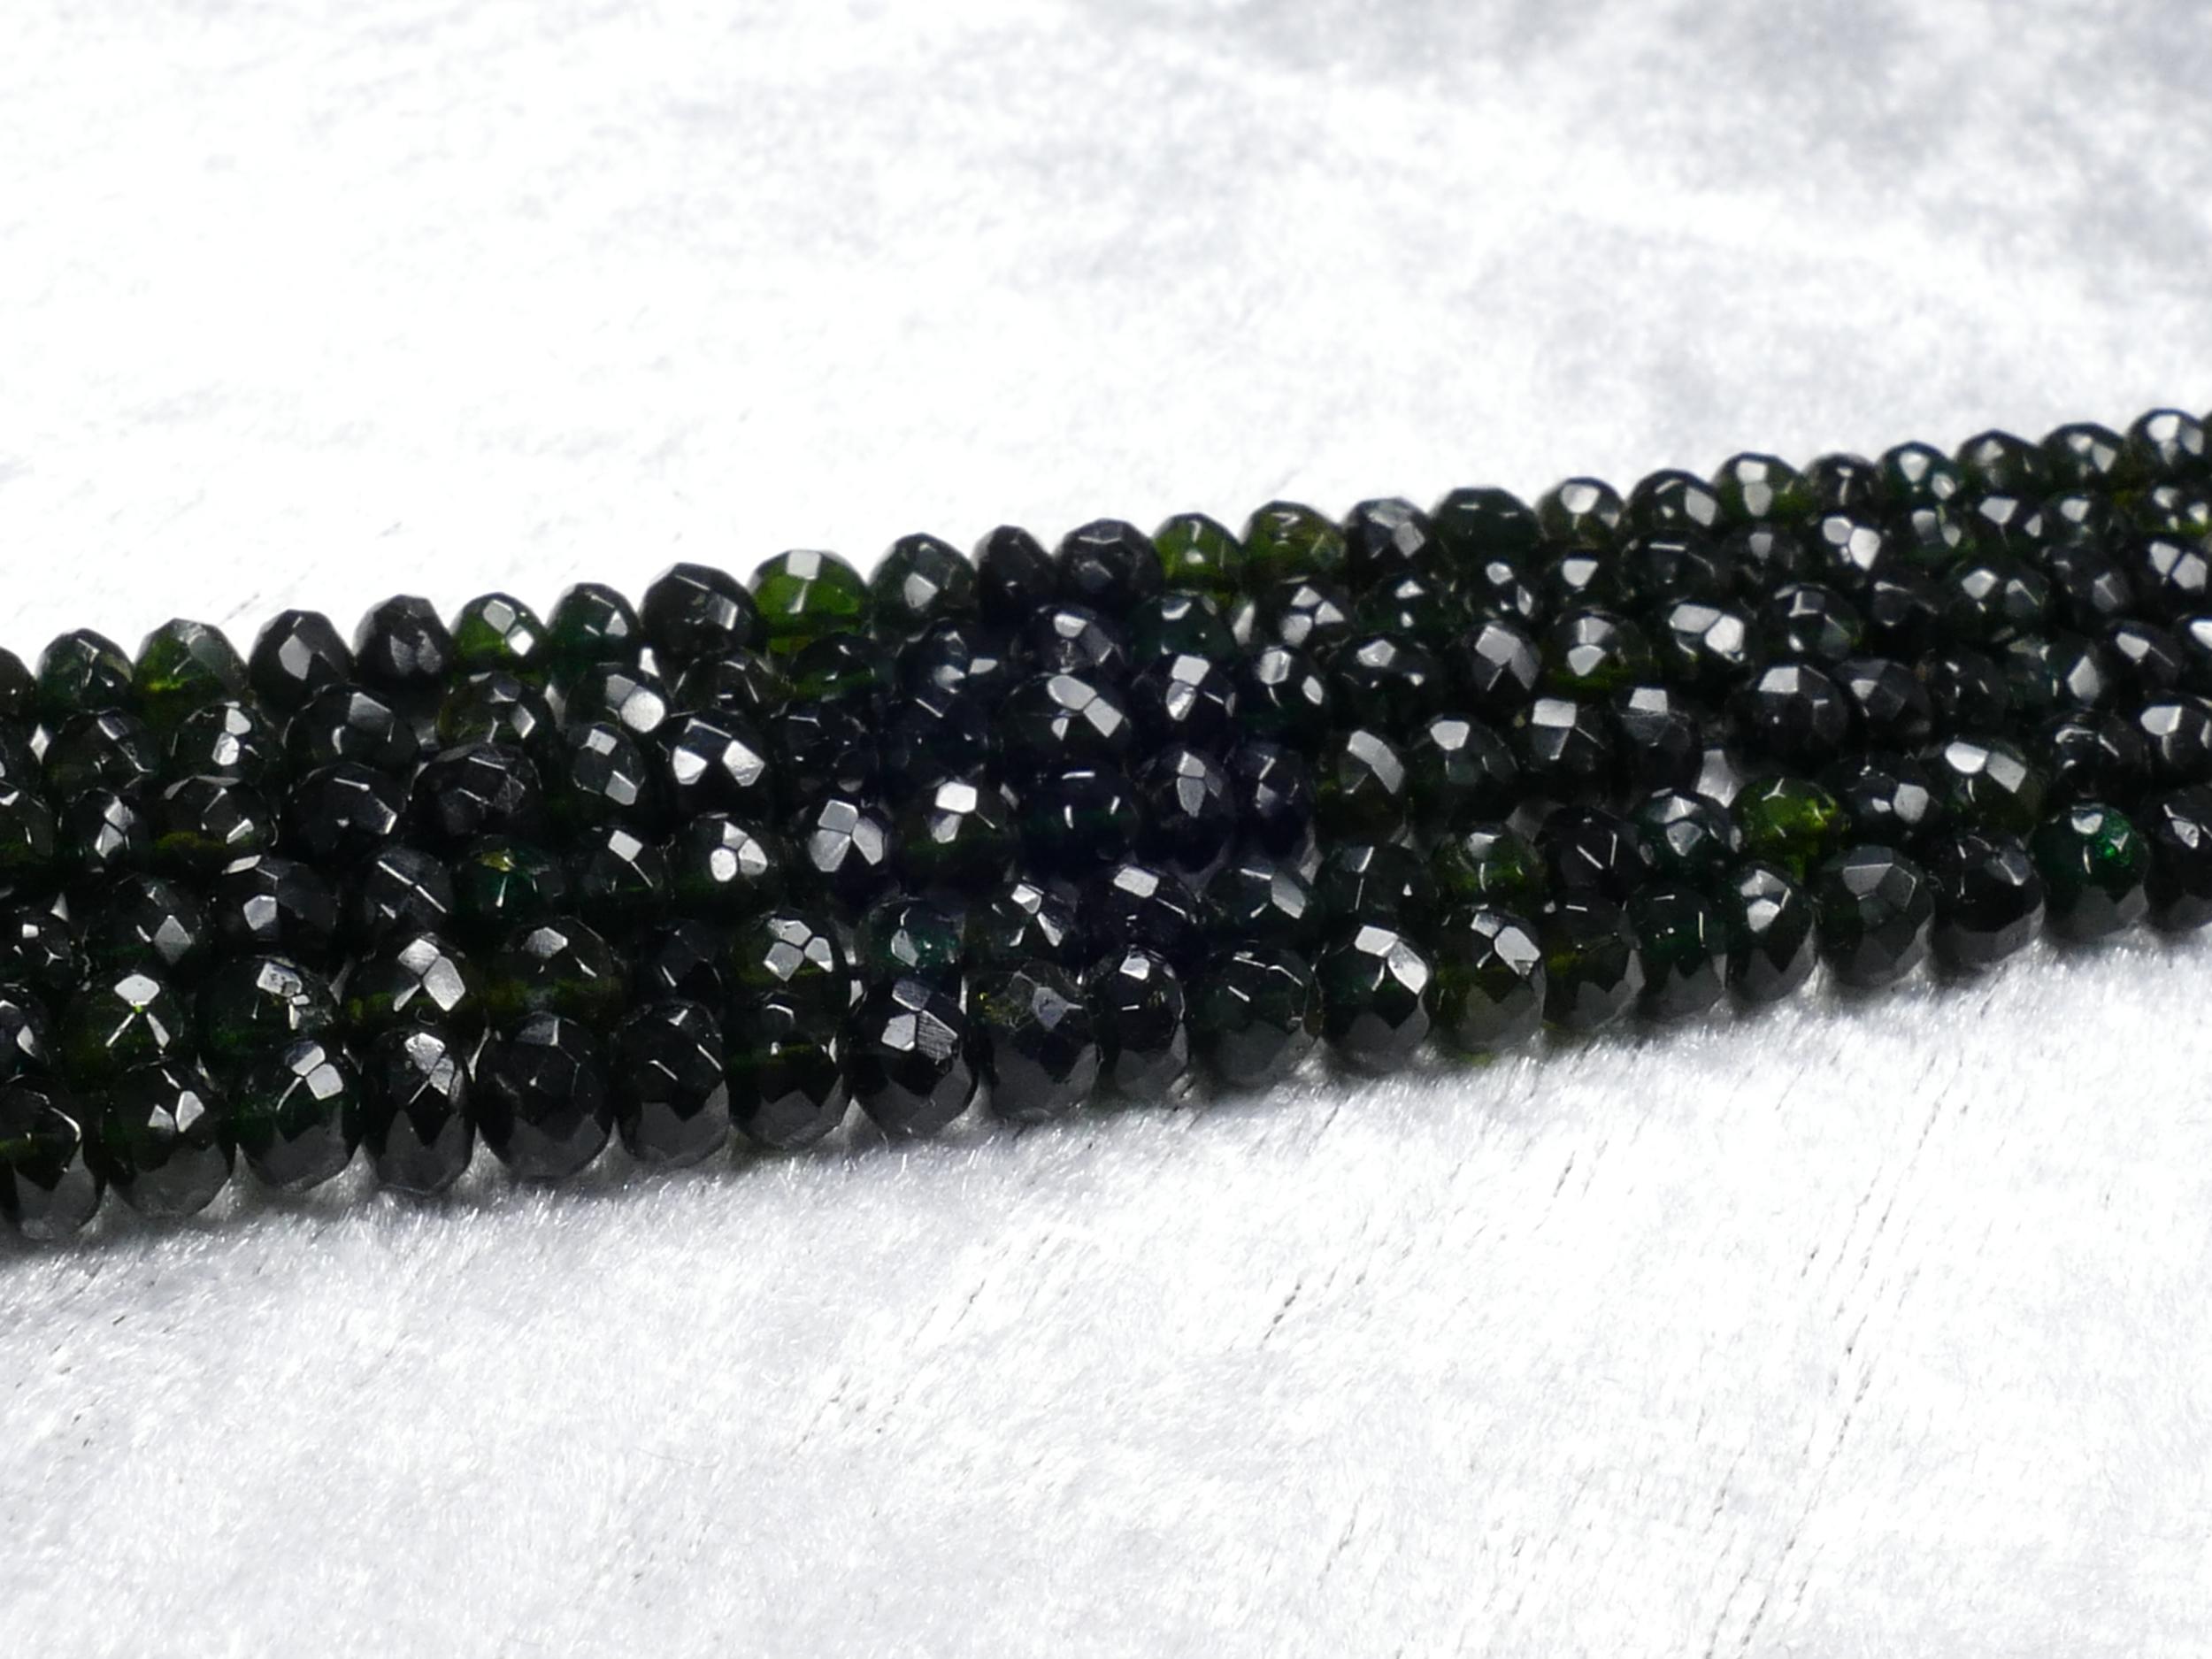 4.2/5mm Perles de Tourmaline naturelle très foncé noir en rondelle facettée x18cm (7inch) (#AC1020)